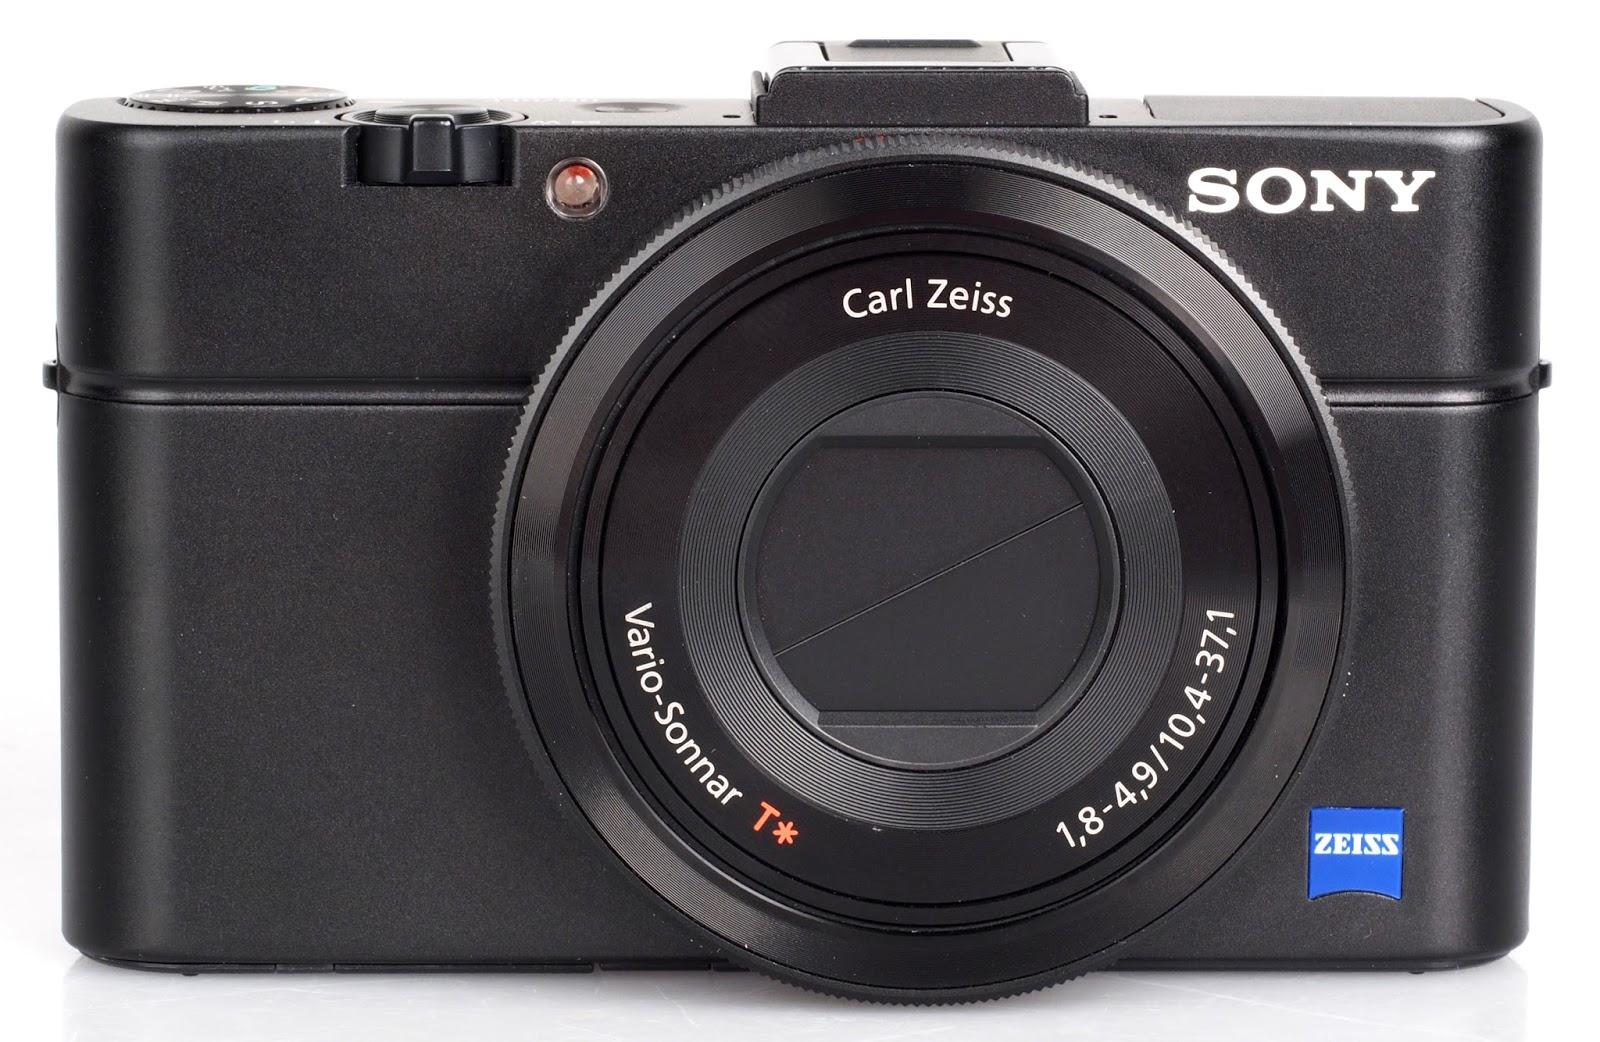 Sony CyberShot DSC-RX100 II with Zeiz lens. Image: ephotozine.com